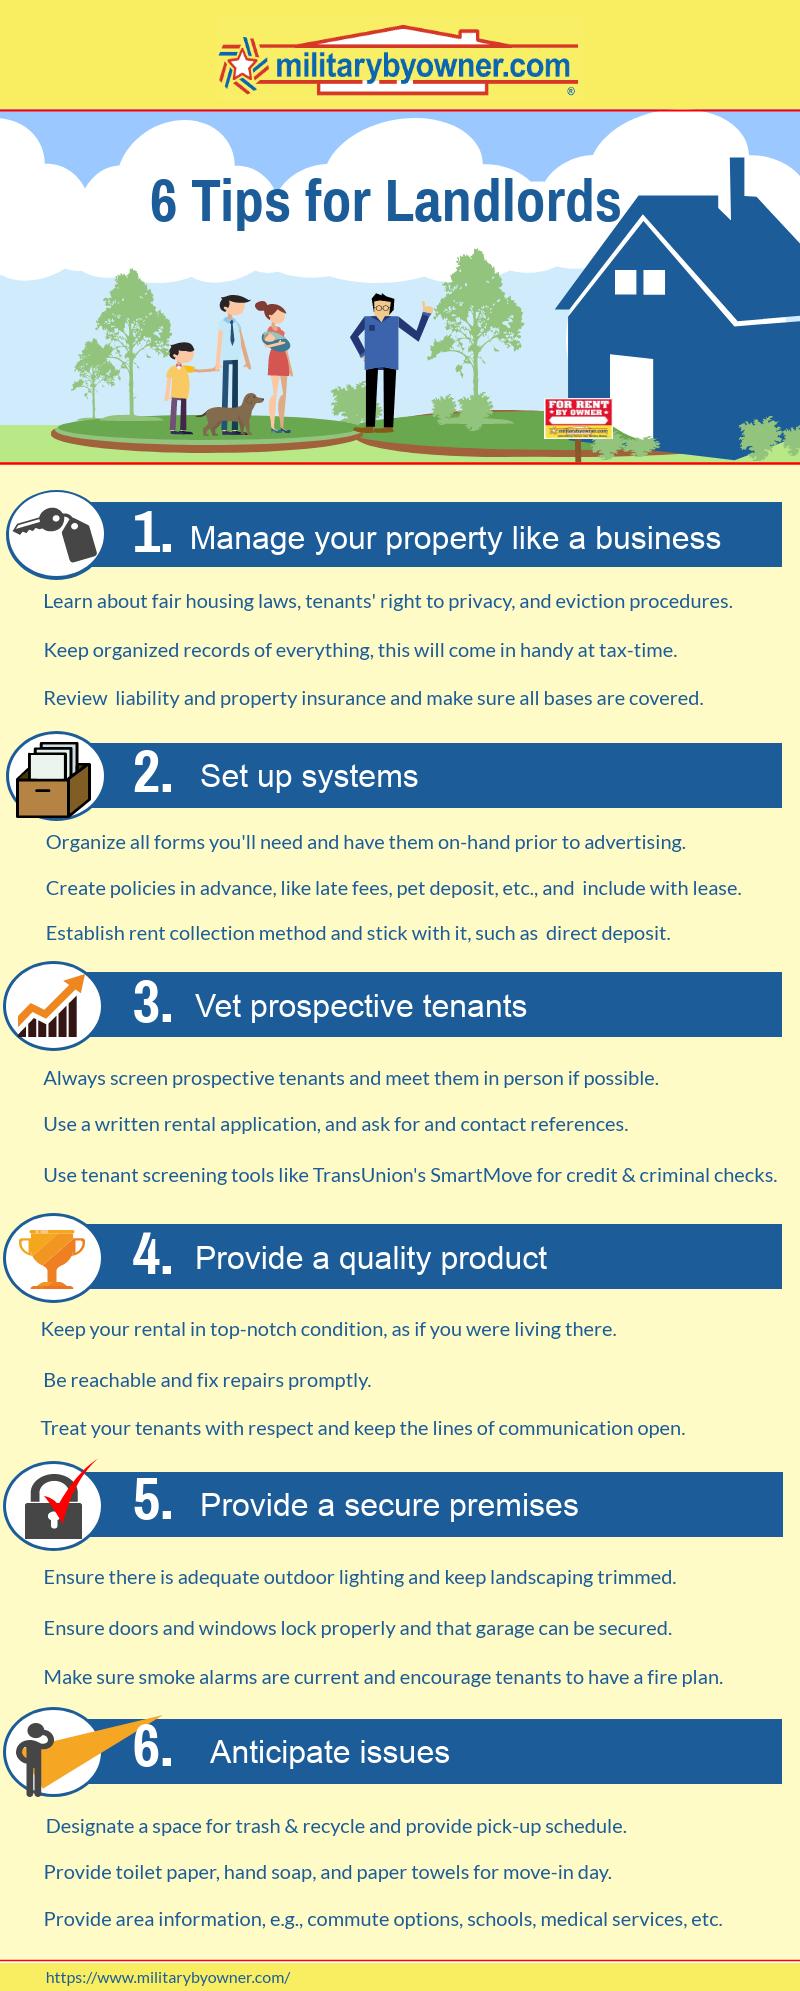 6 Tips for Landlords